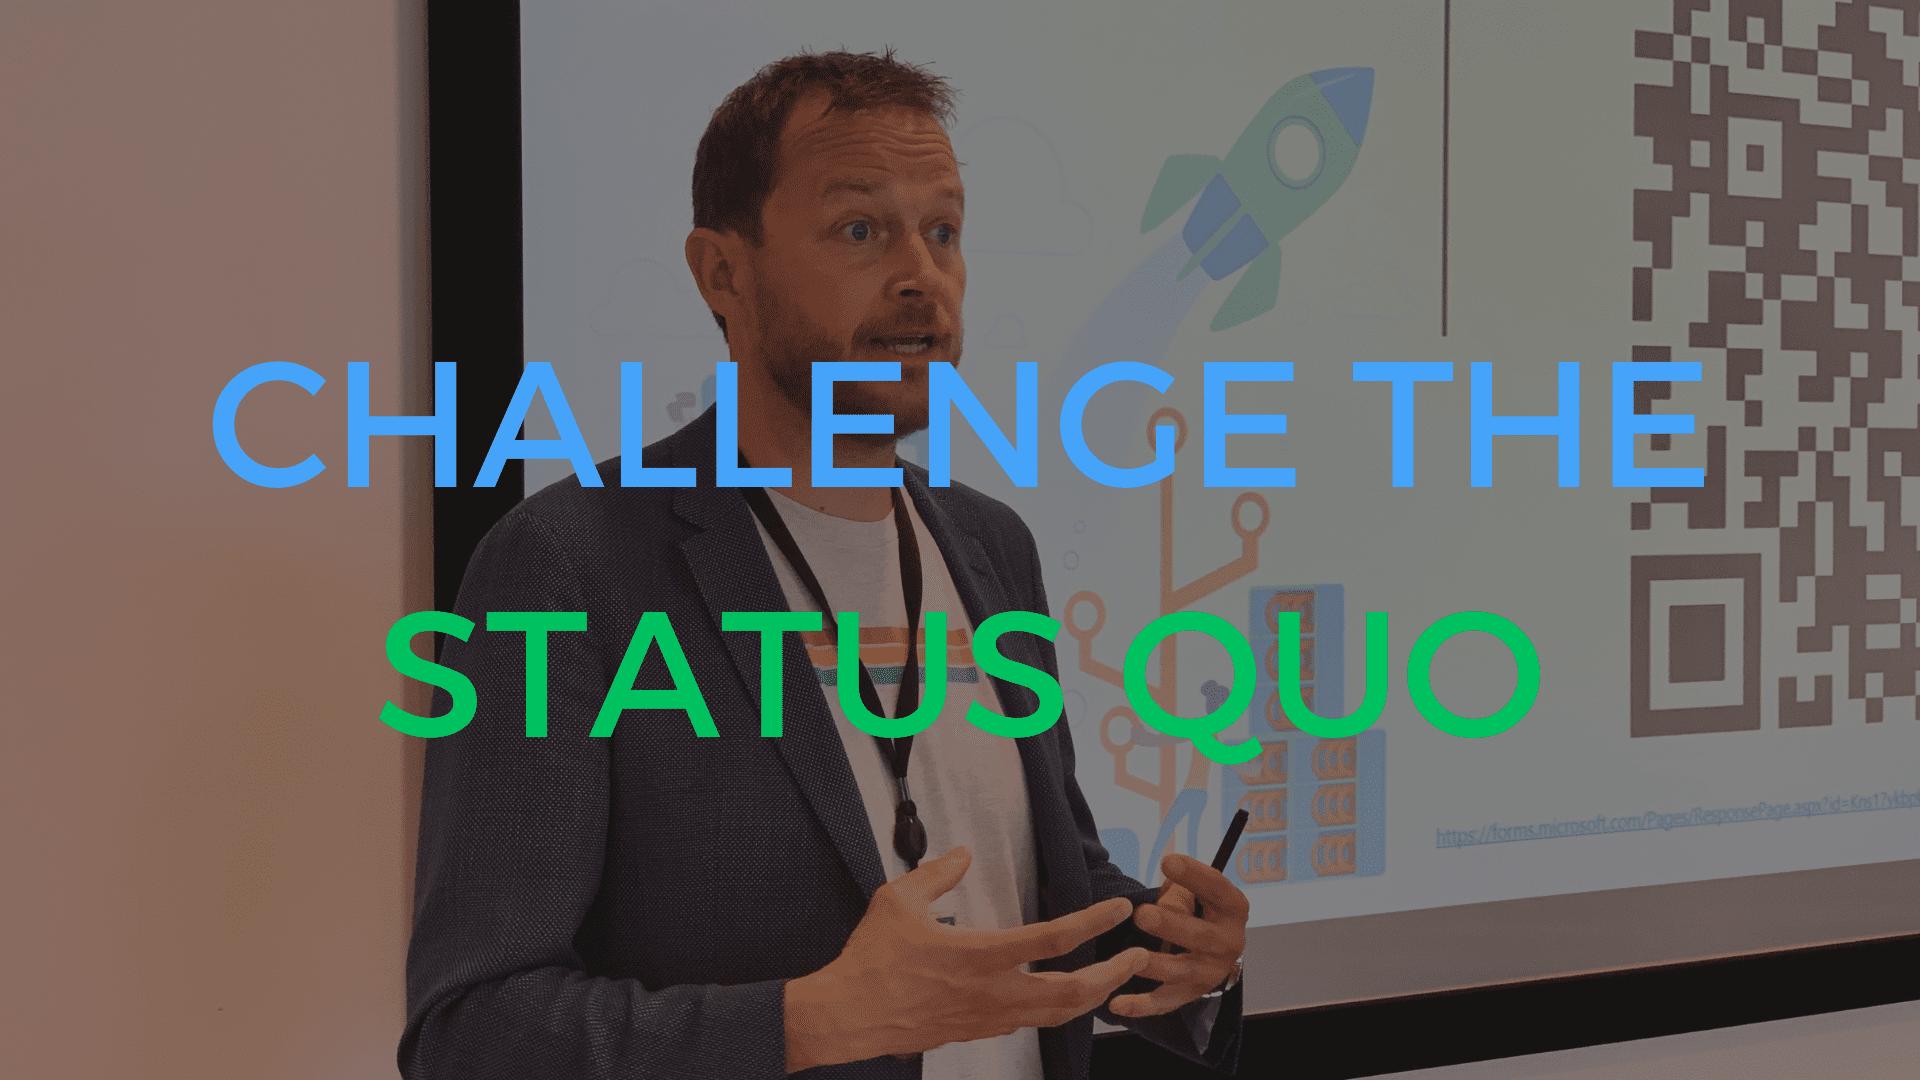 Projectum value status quo